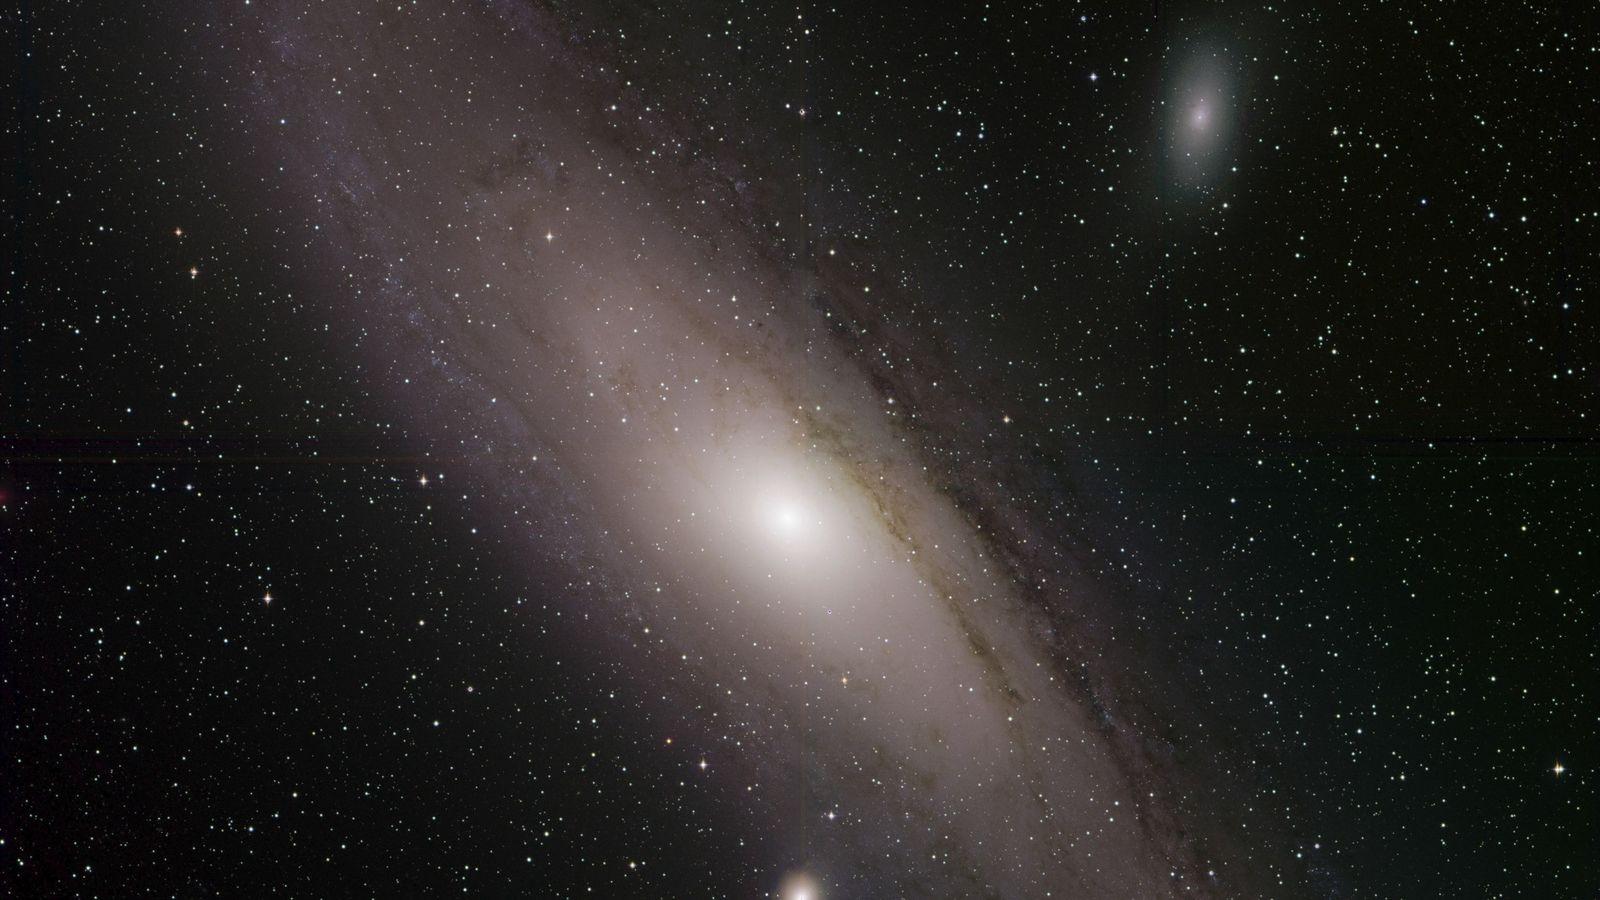 Die Andromedagalaxie, auch bekannt als Messier 31, strahlt in dieser neu veröffentlichen Aufnahme von der Zwicky ...